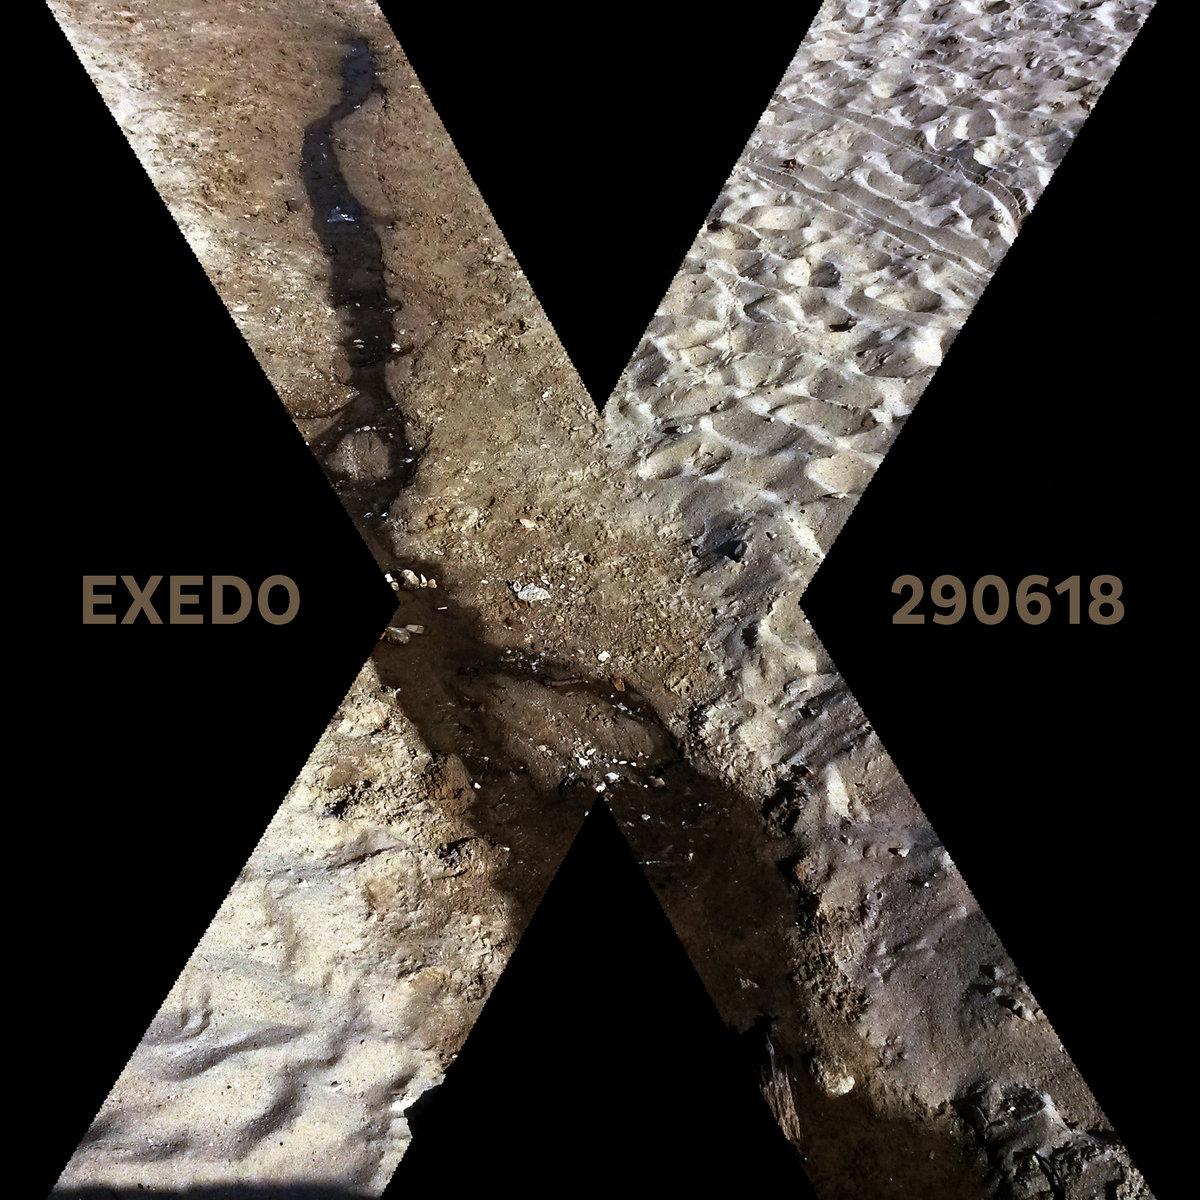 EXEDO – 290618